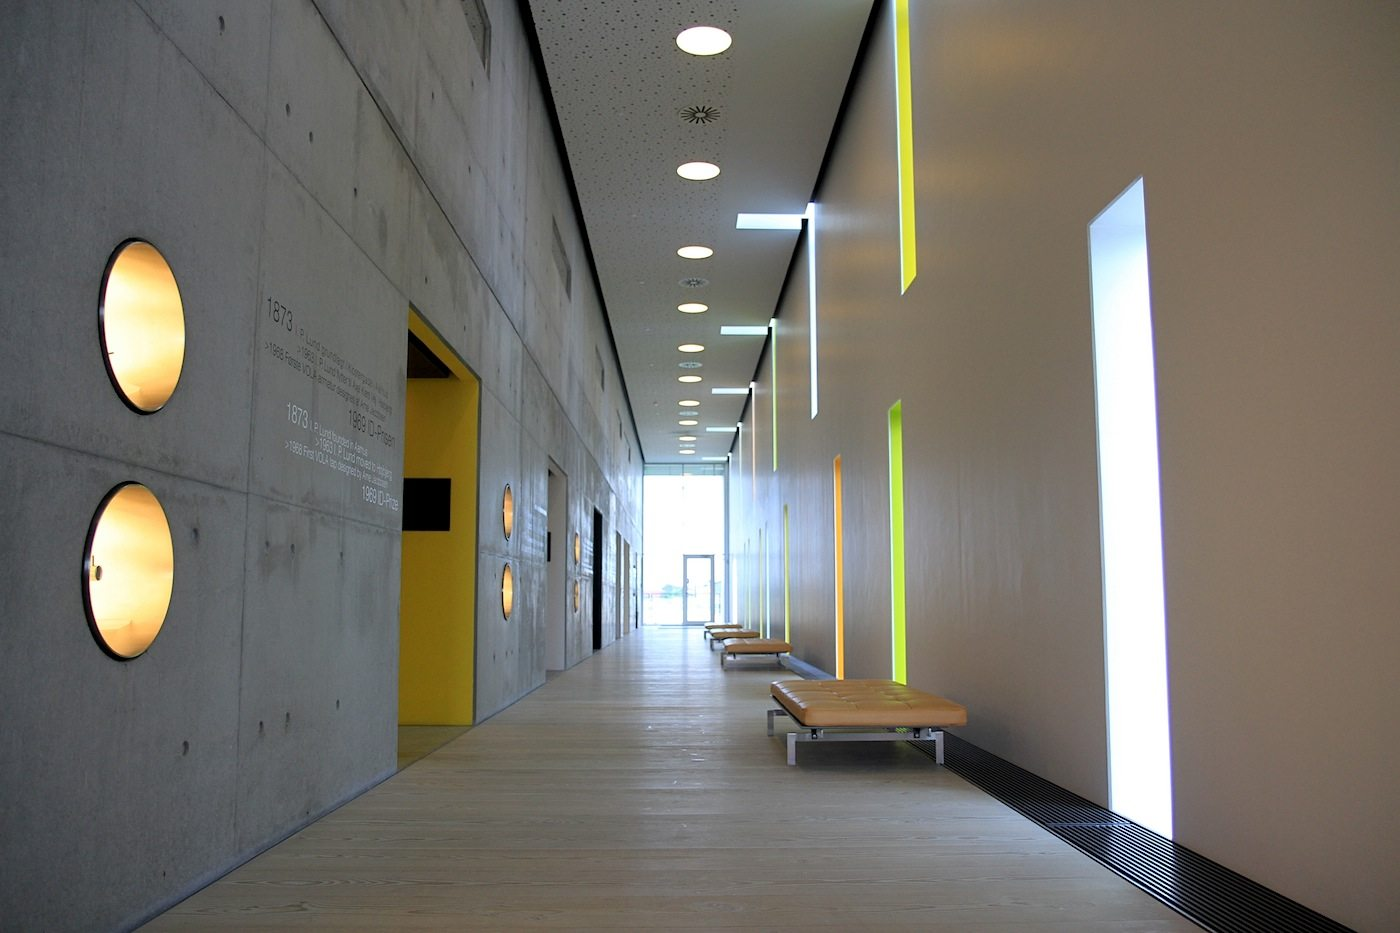 Vola Akademie.  Gradlinig, klar, solide: Architektur und Innengestaltung der Bildungsanstalt sind wie die Produkte von Vola.